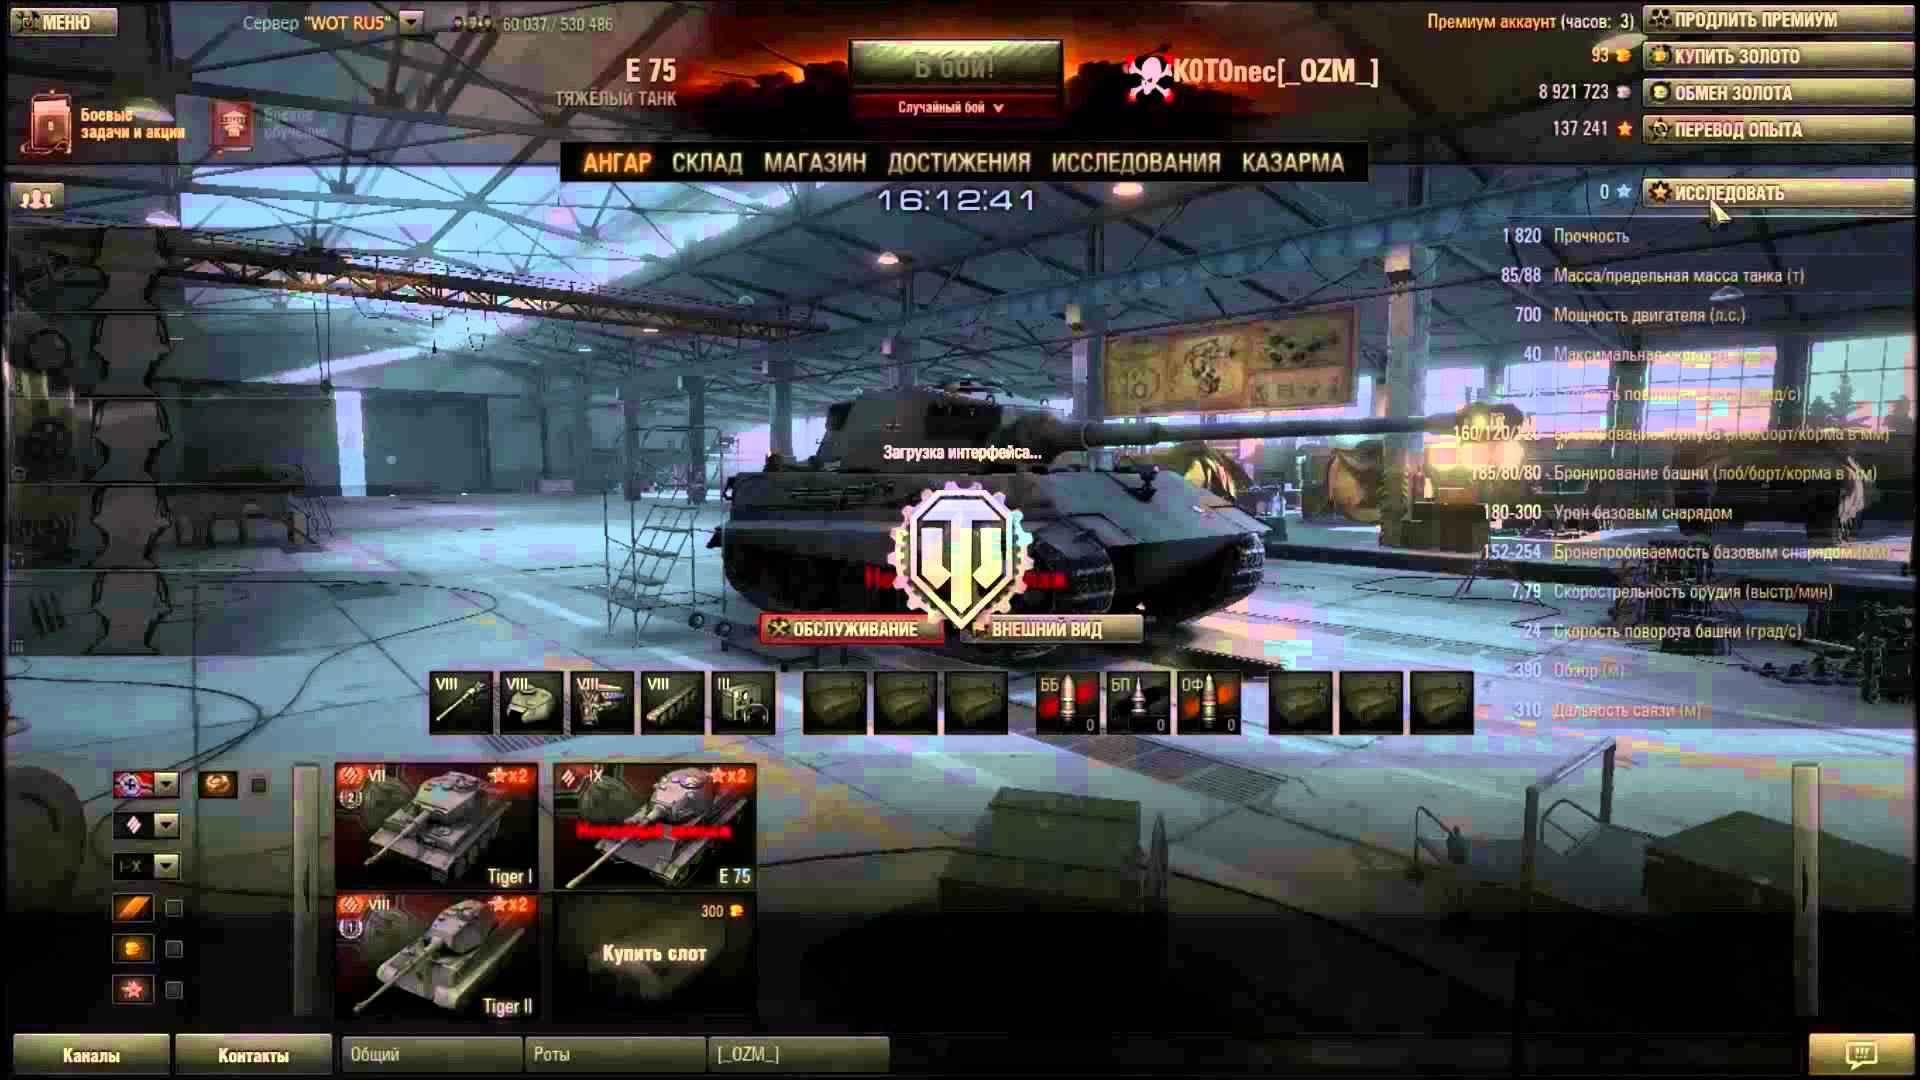 Как правильно продать танк - WoT